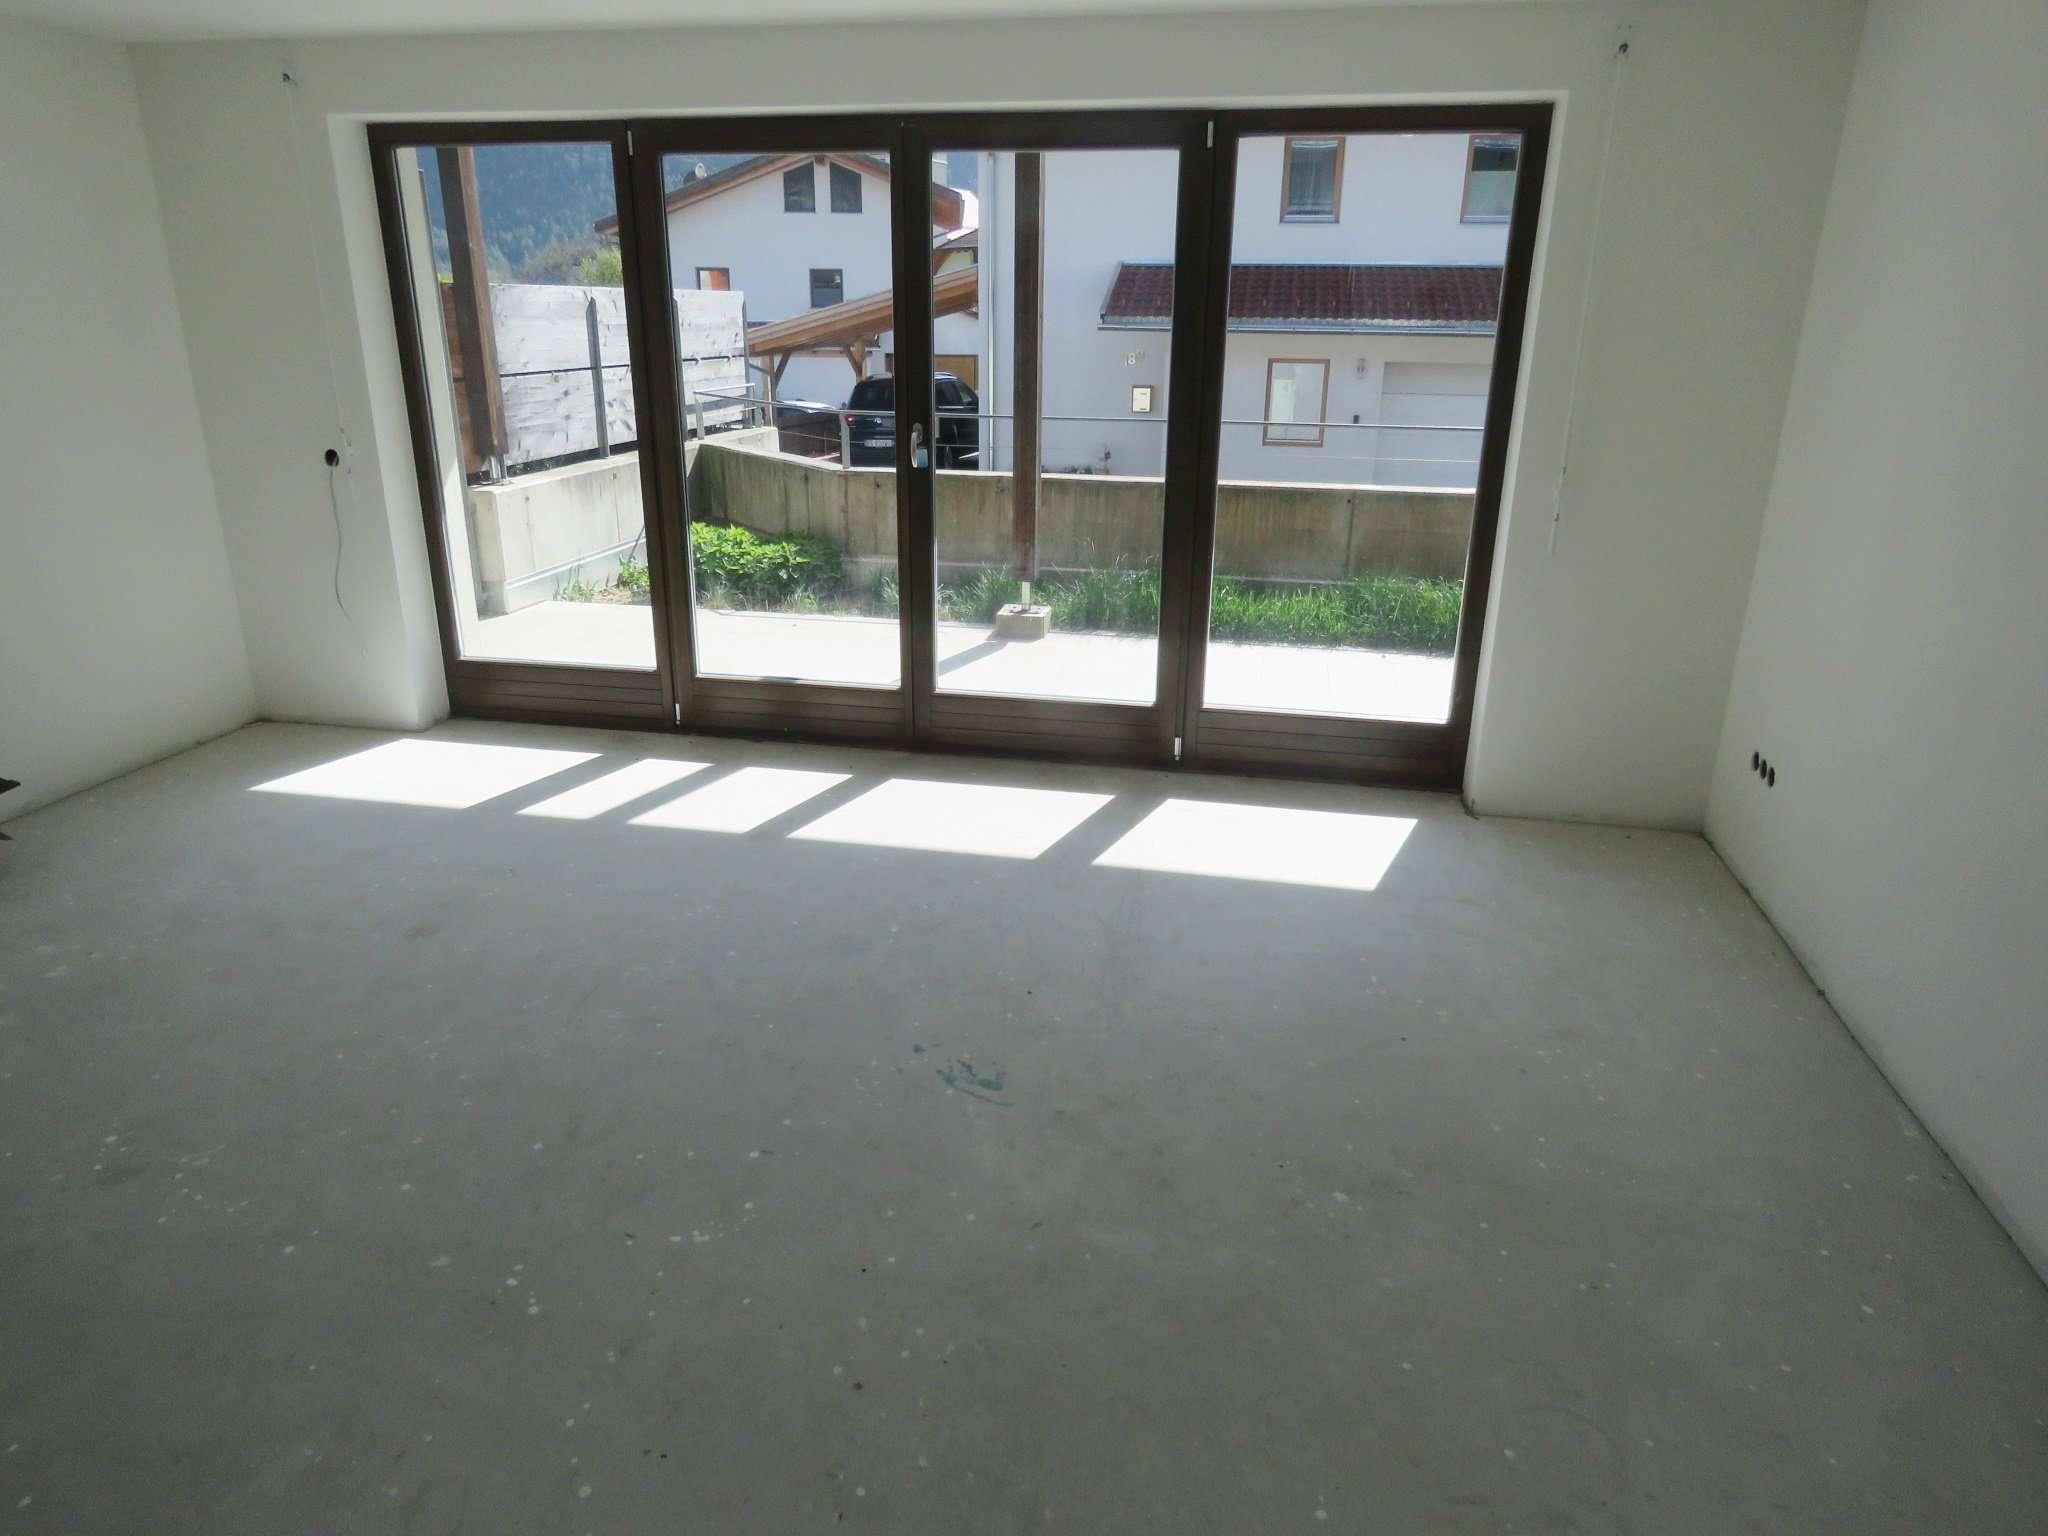 Villa a Schiera in vendita a Malles Venosta, 4 locali, prezzo € 240.000 | Cambio Casa.it